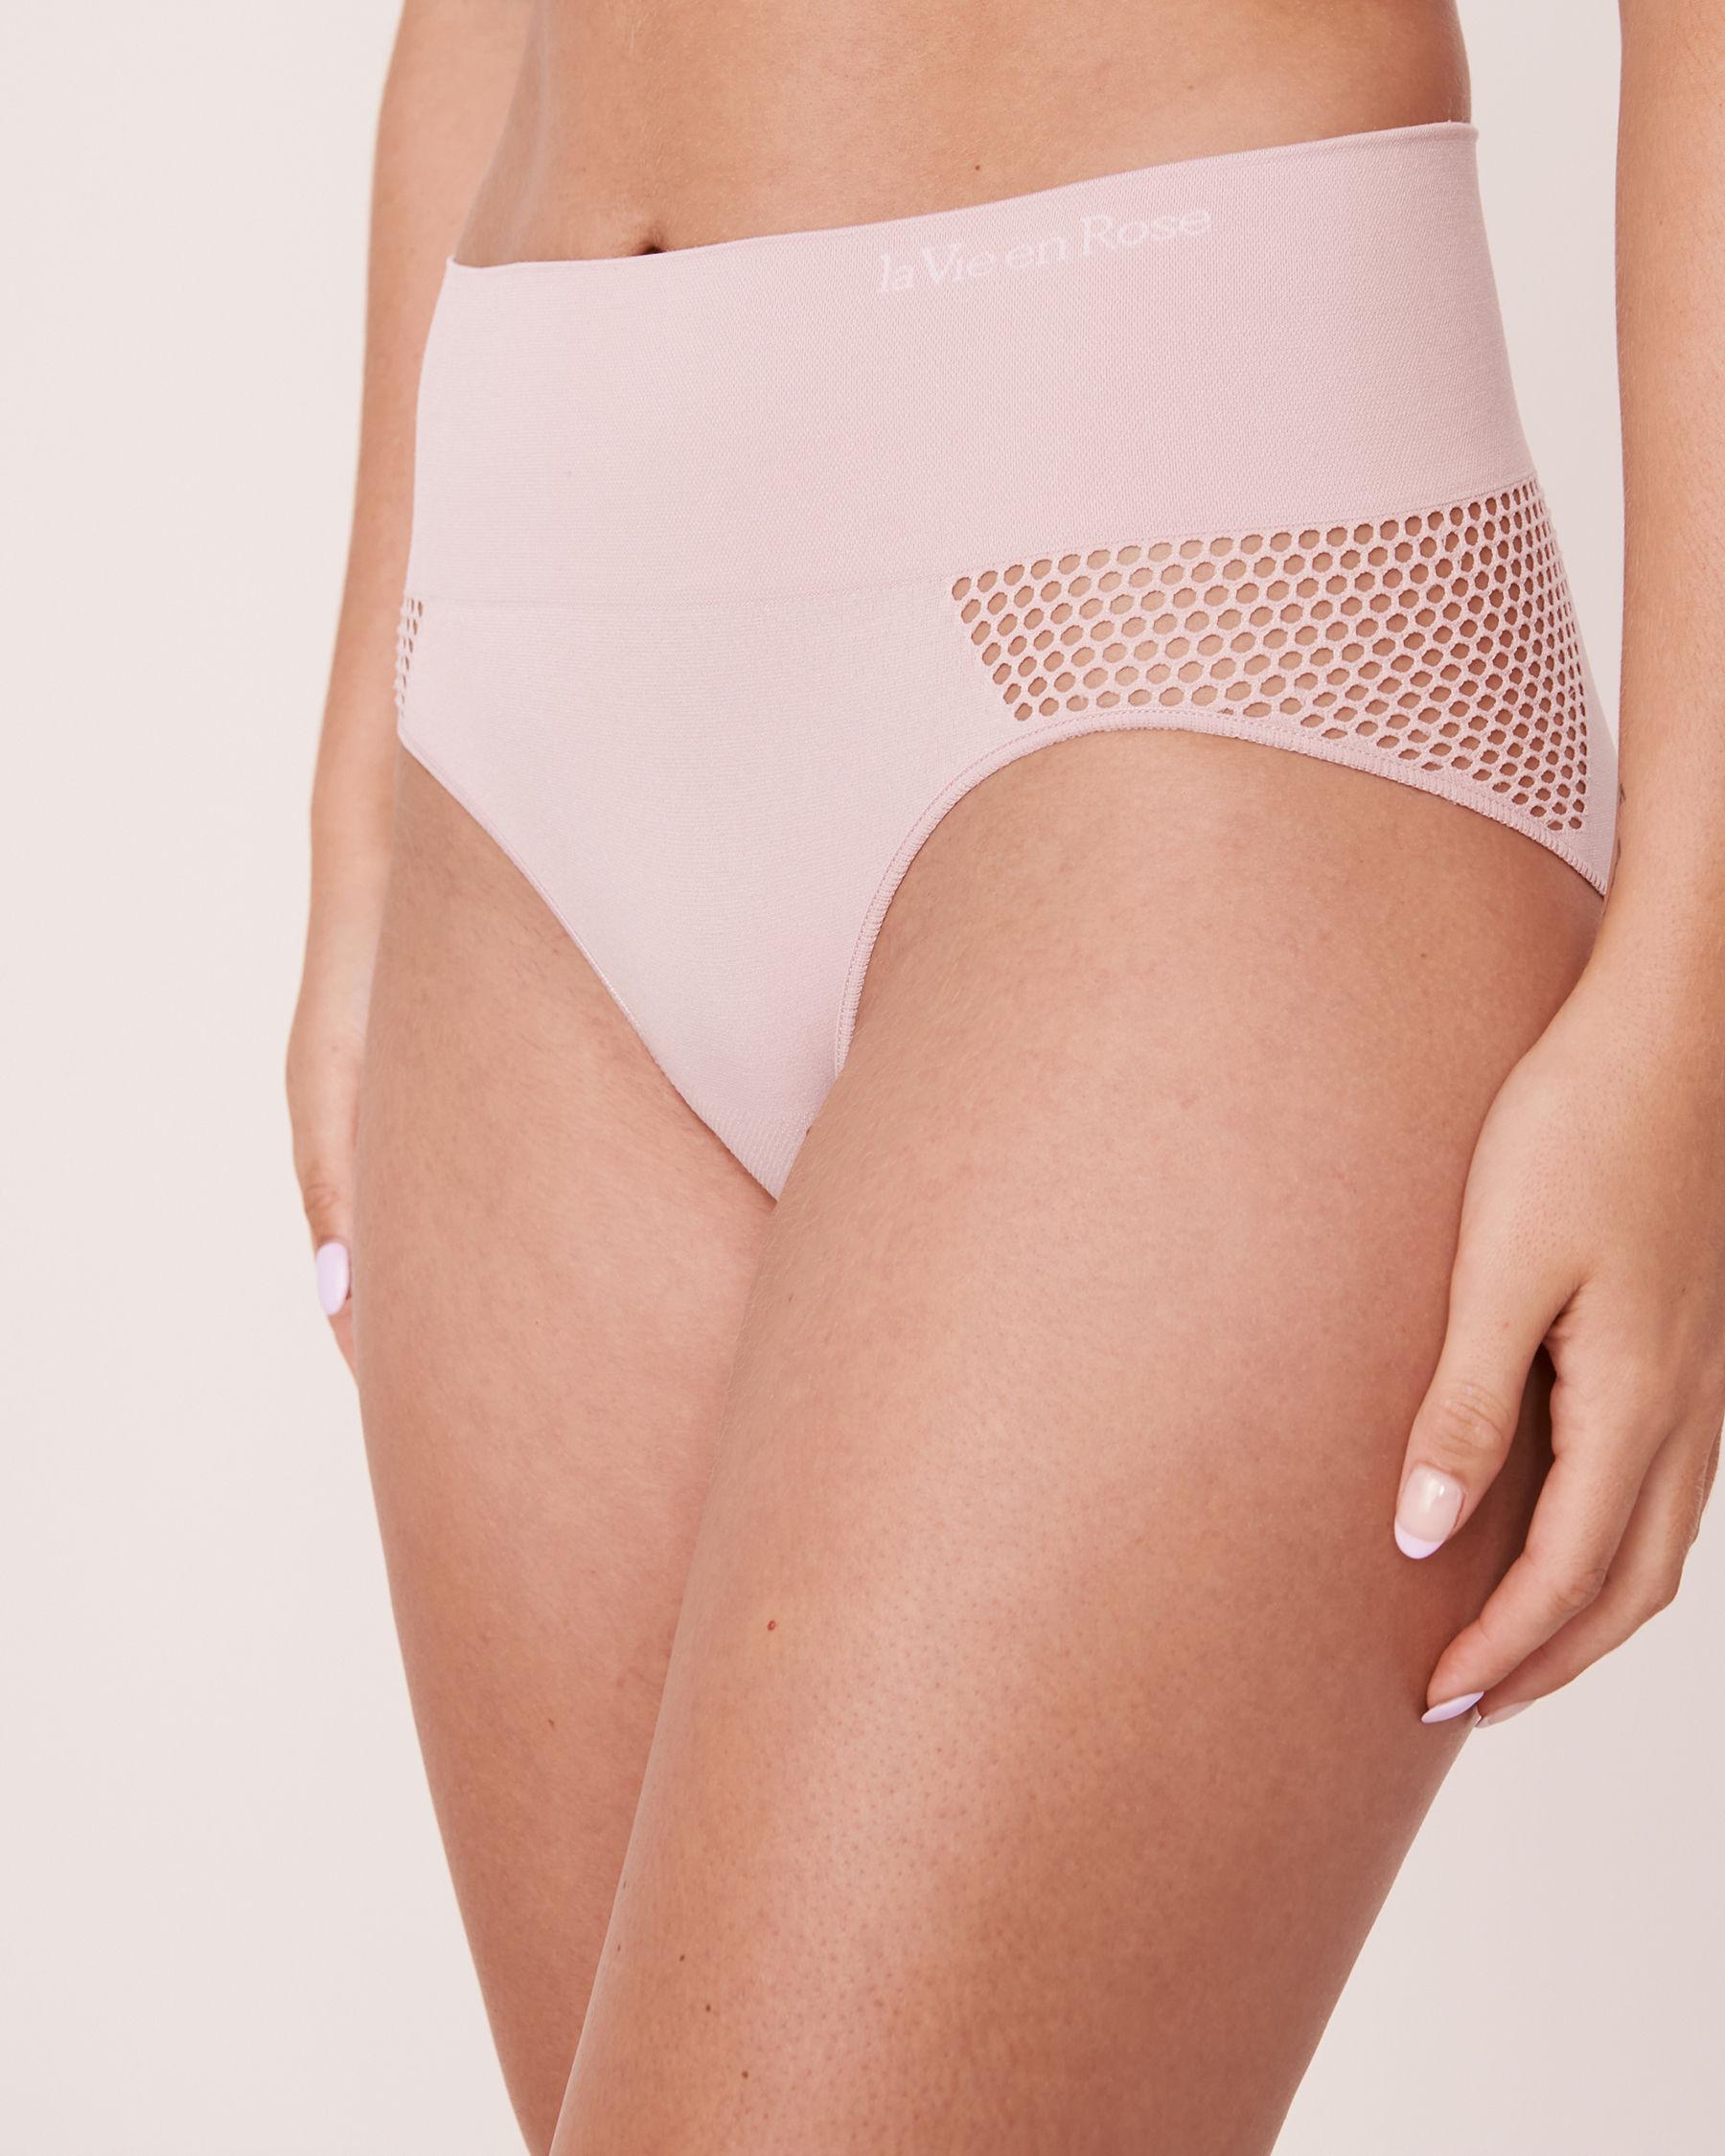 LA VIE EN ROSE Seamless High Waist Bikini Panty Lilac 20200085 - View1